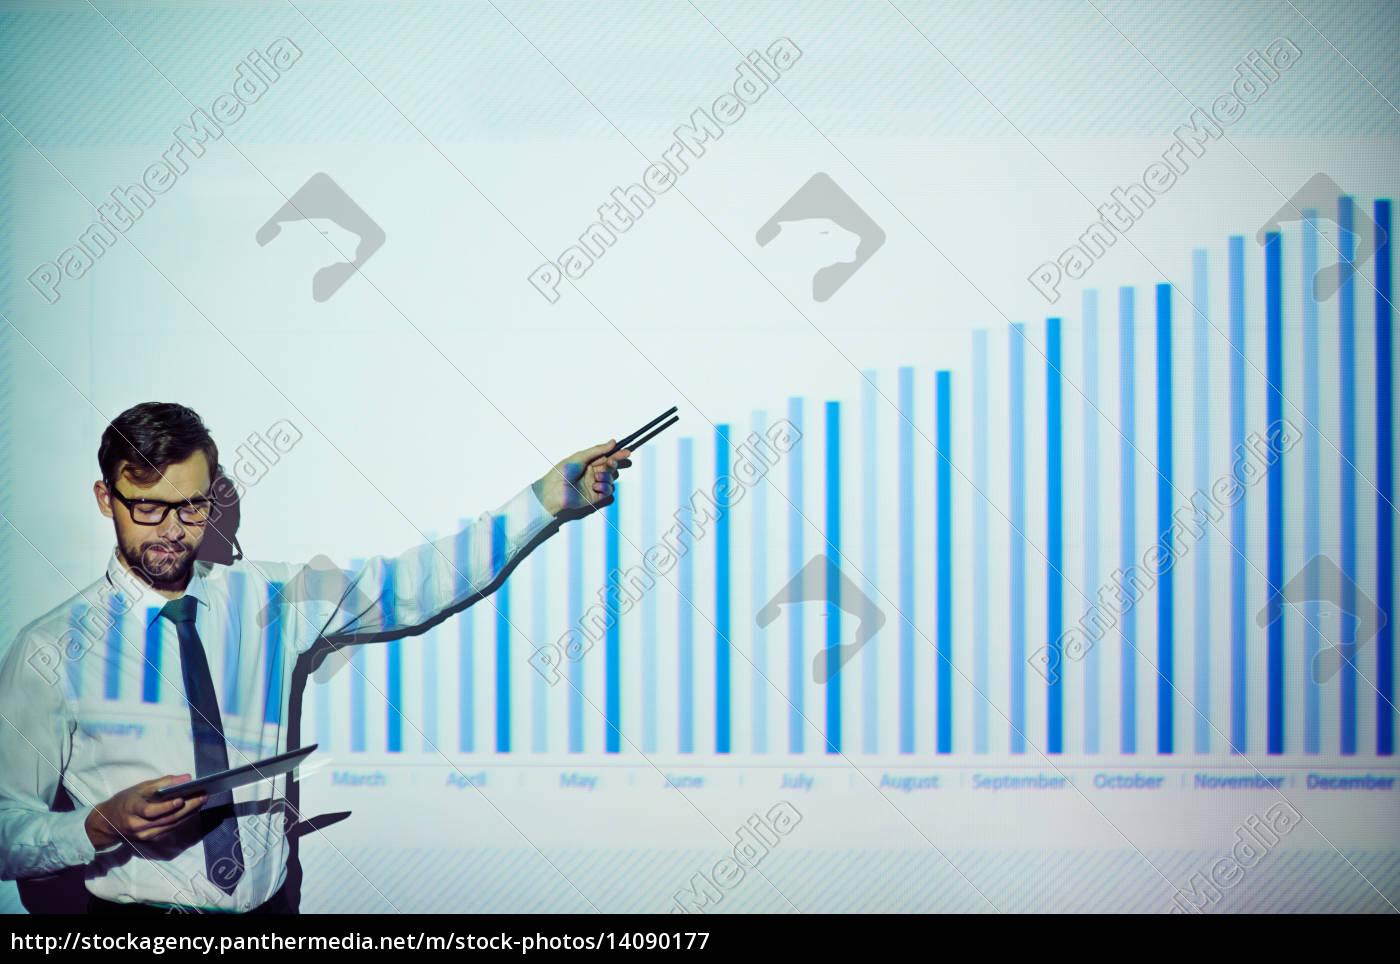 analyzing, chart - 14090177